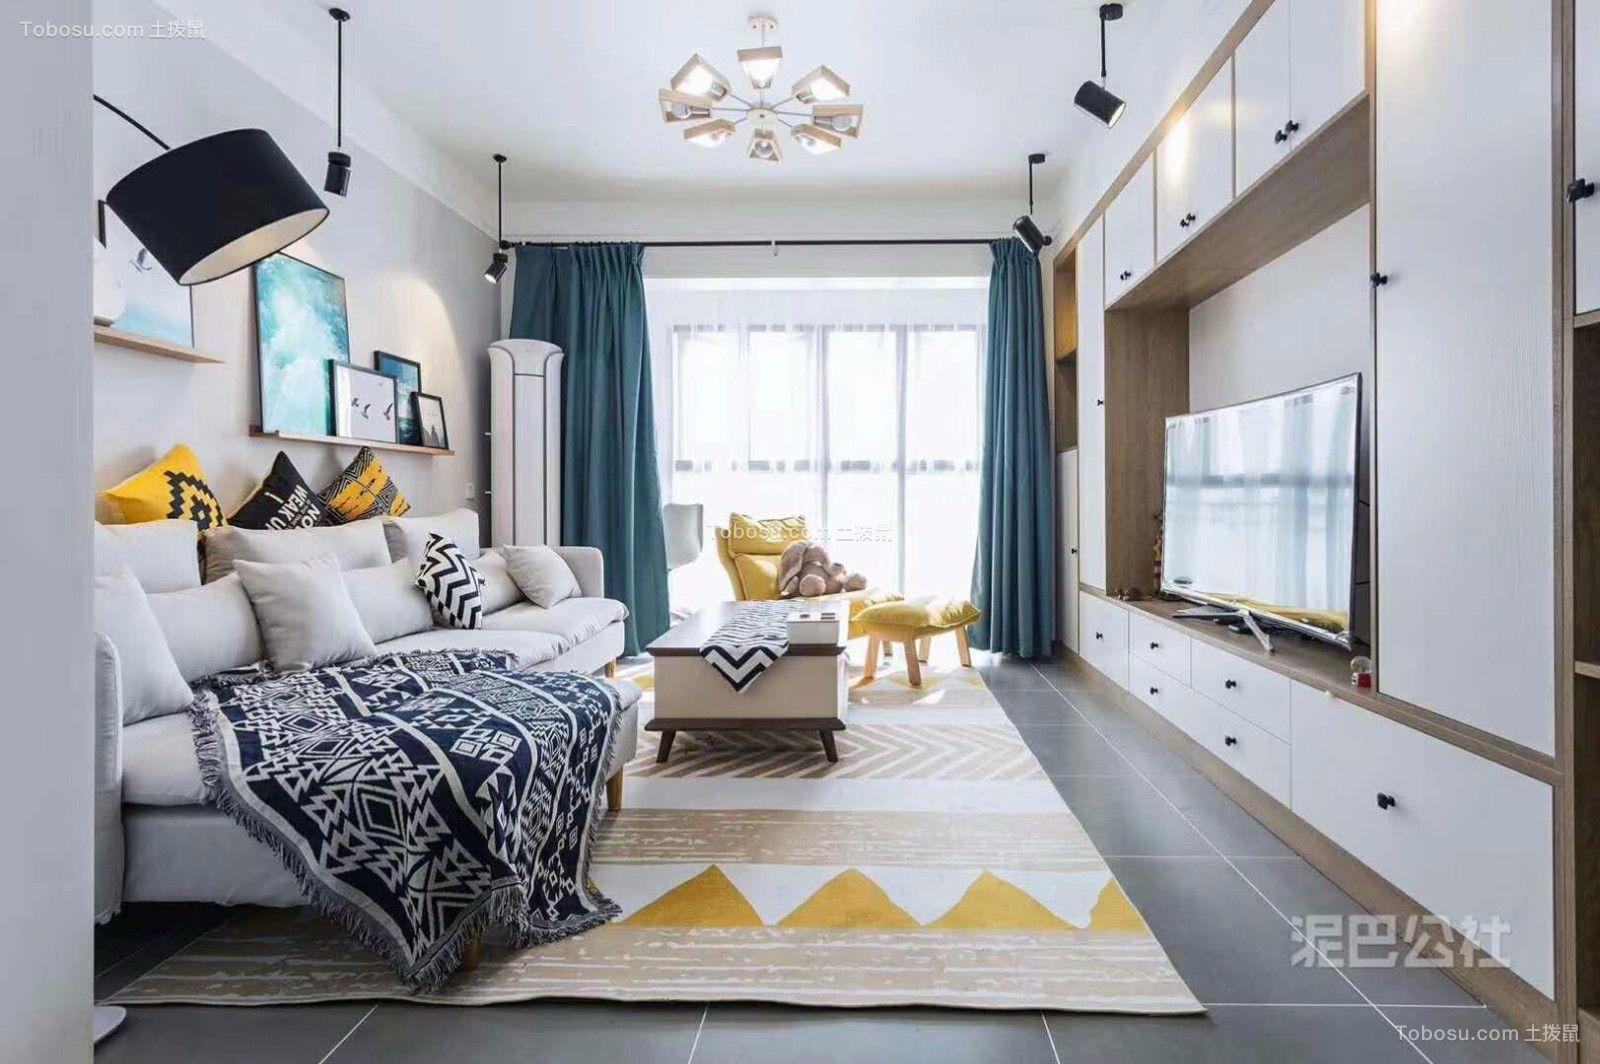 明园九龙湾100平米现代简约风格三居室装修效果图